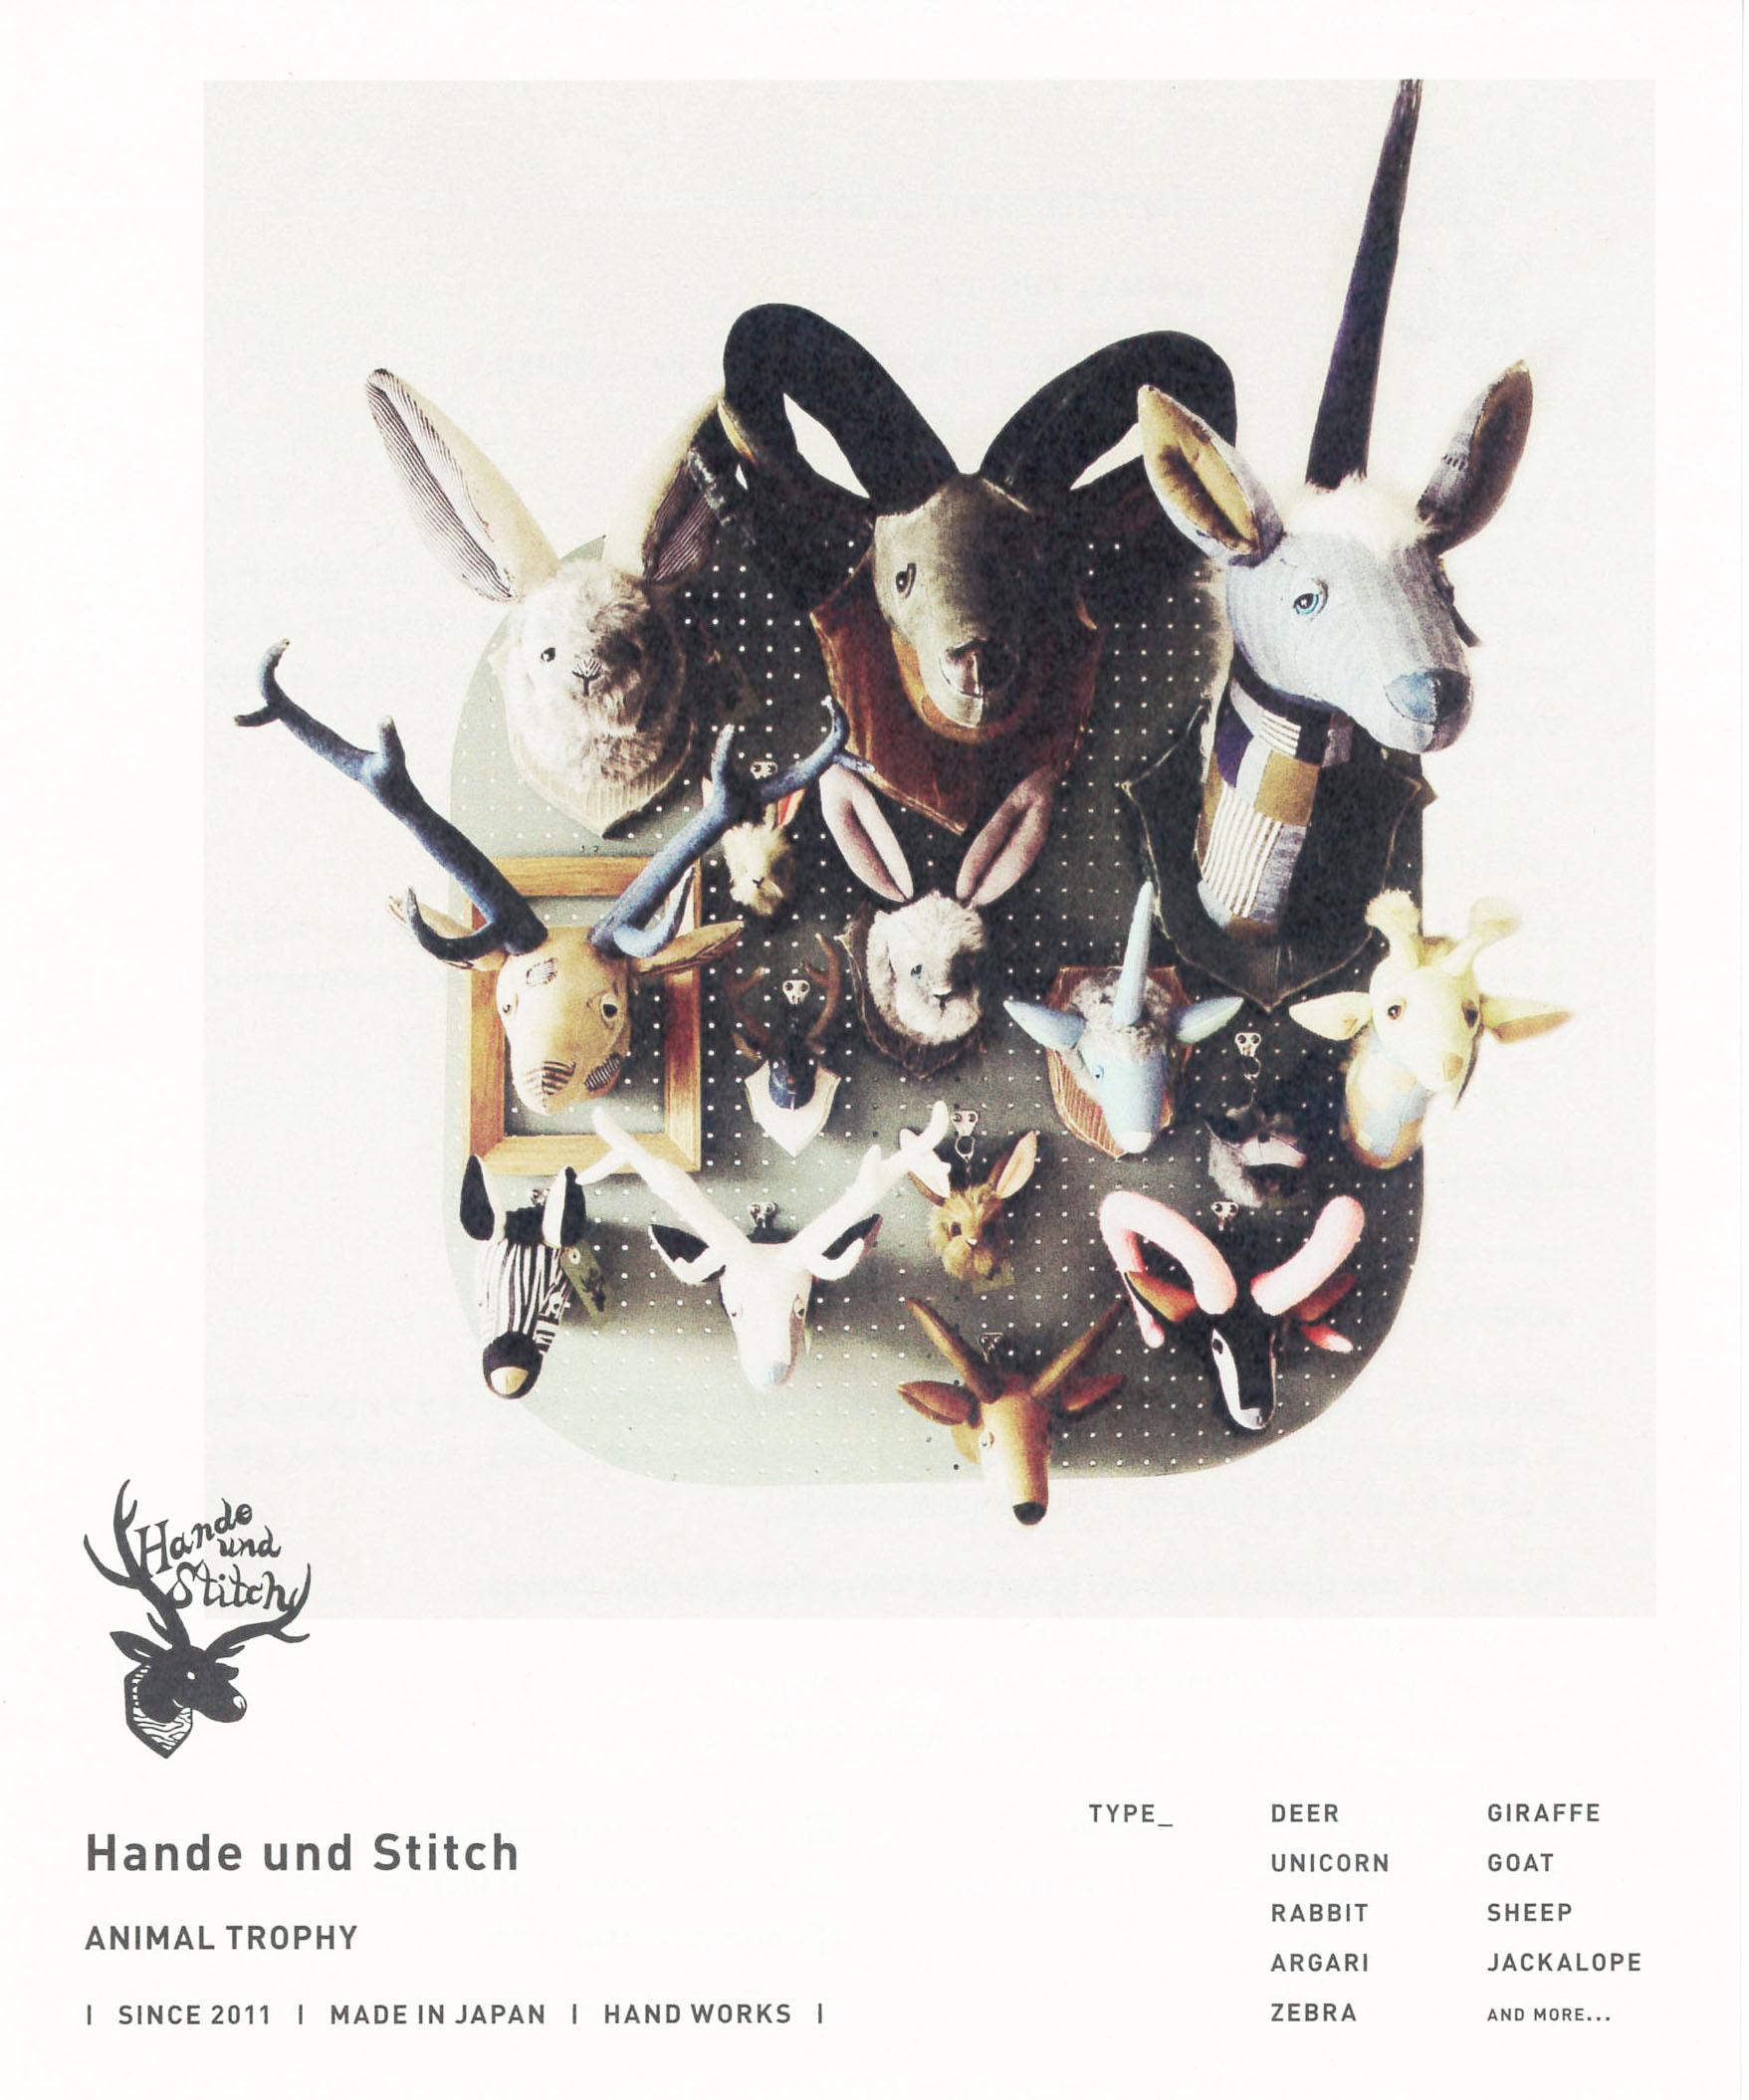 Hande und Stitch・ANIMAL TROPHY